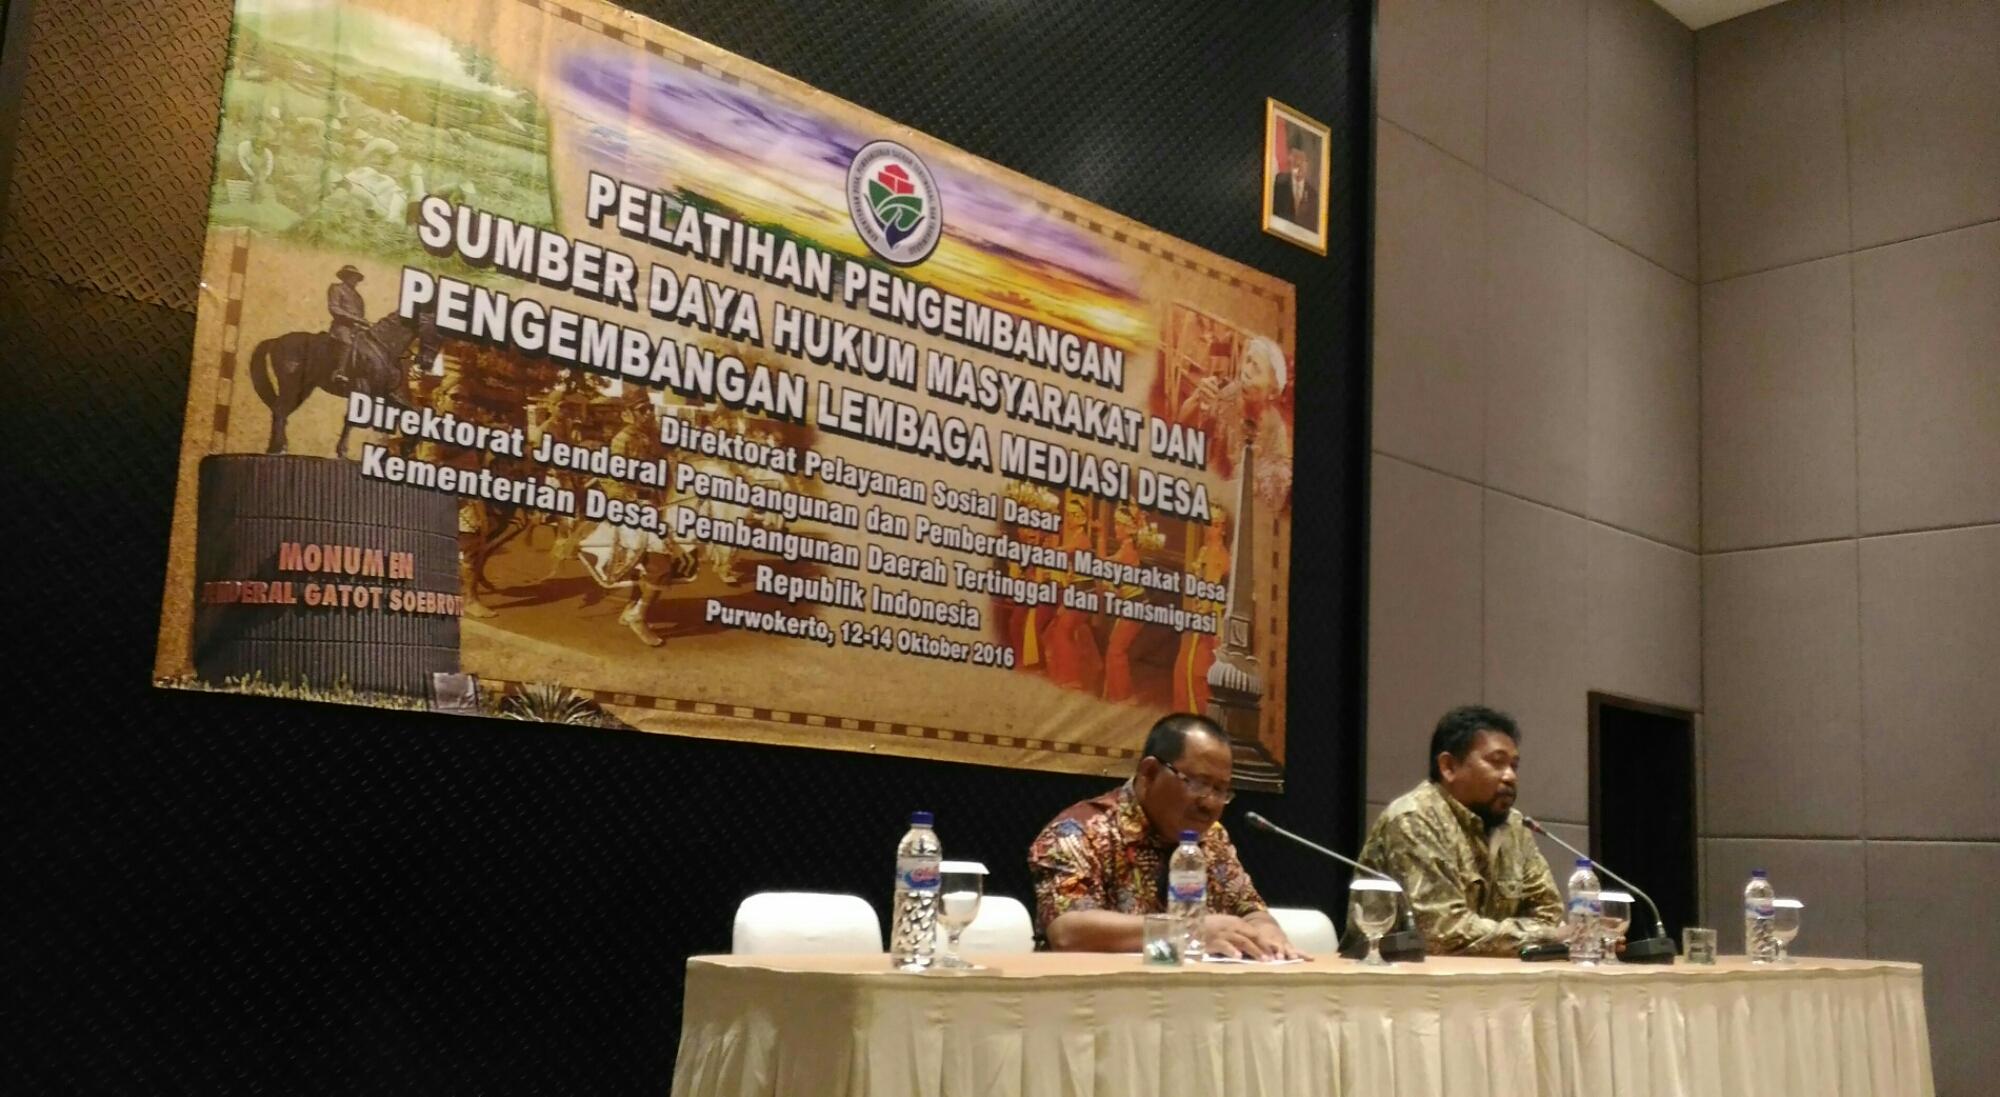 Pengembangan Sumber Daya Hukum Masyarakat dan Pengembangan Lembaga Mediasi Desa